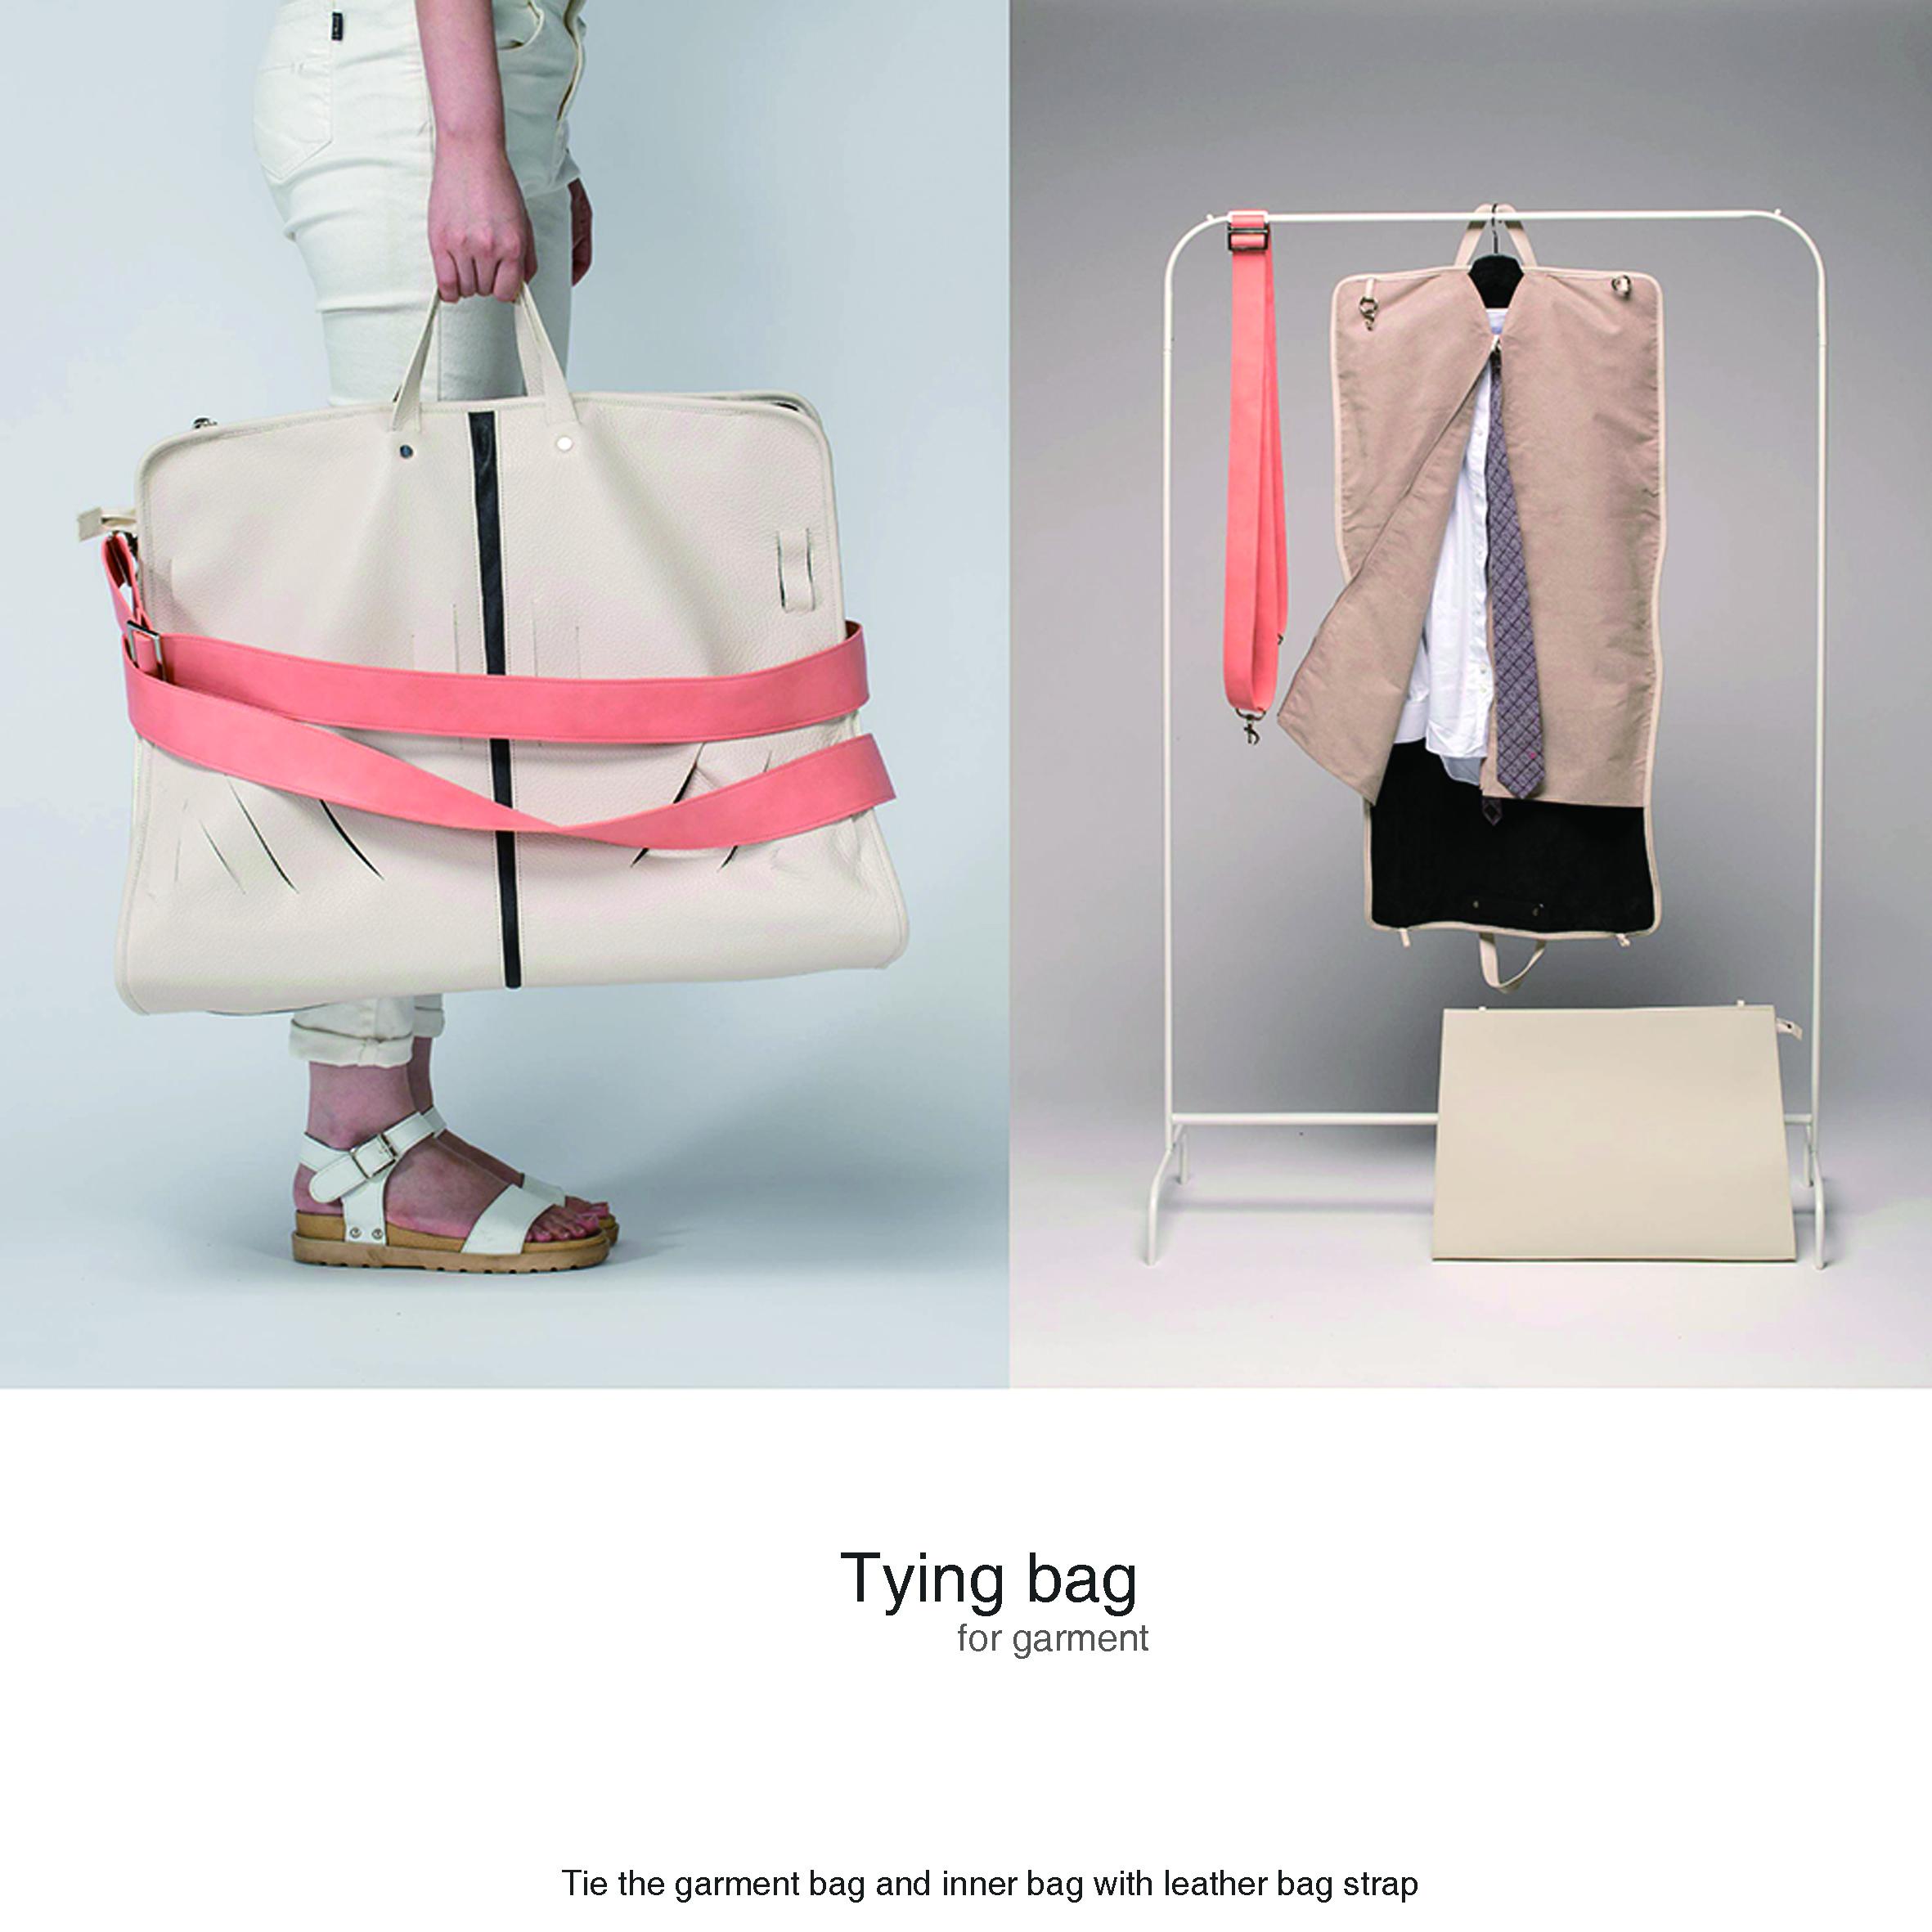 TYING BAG photo 02